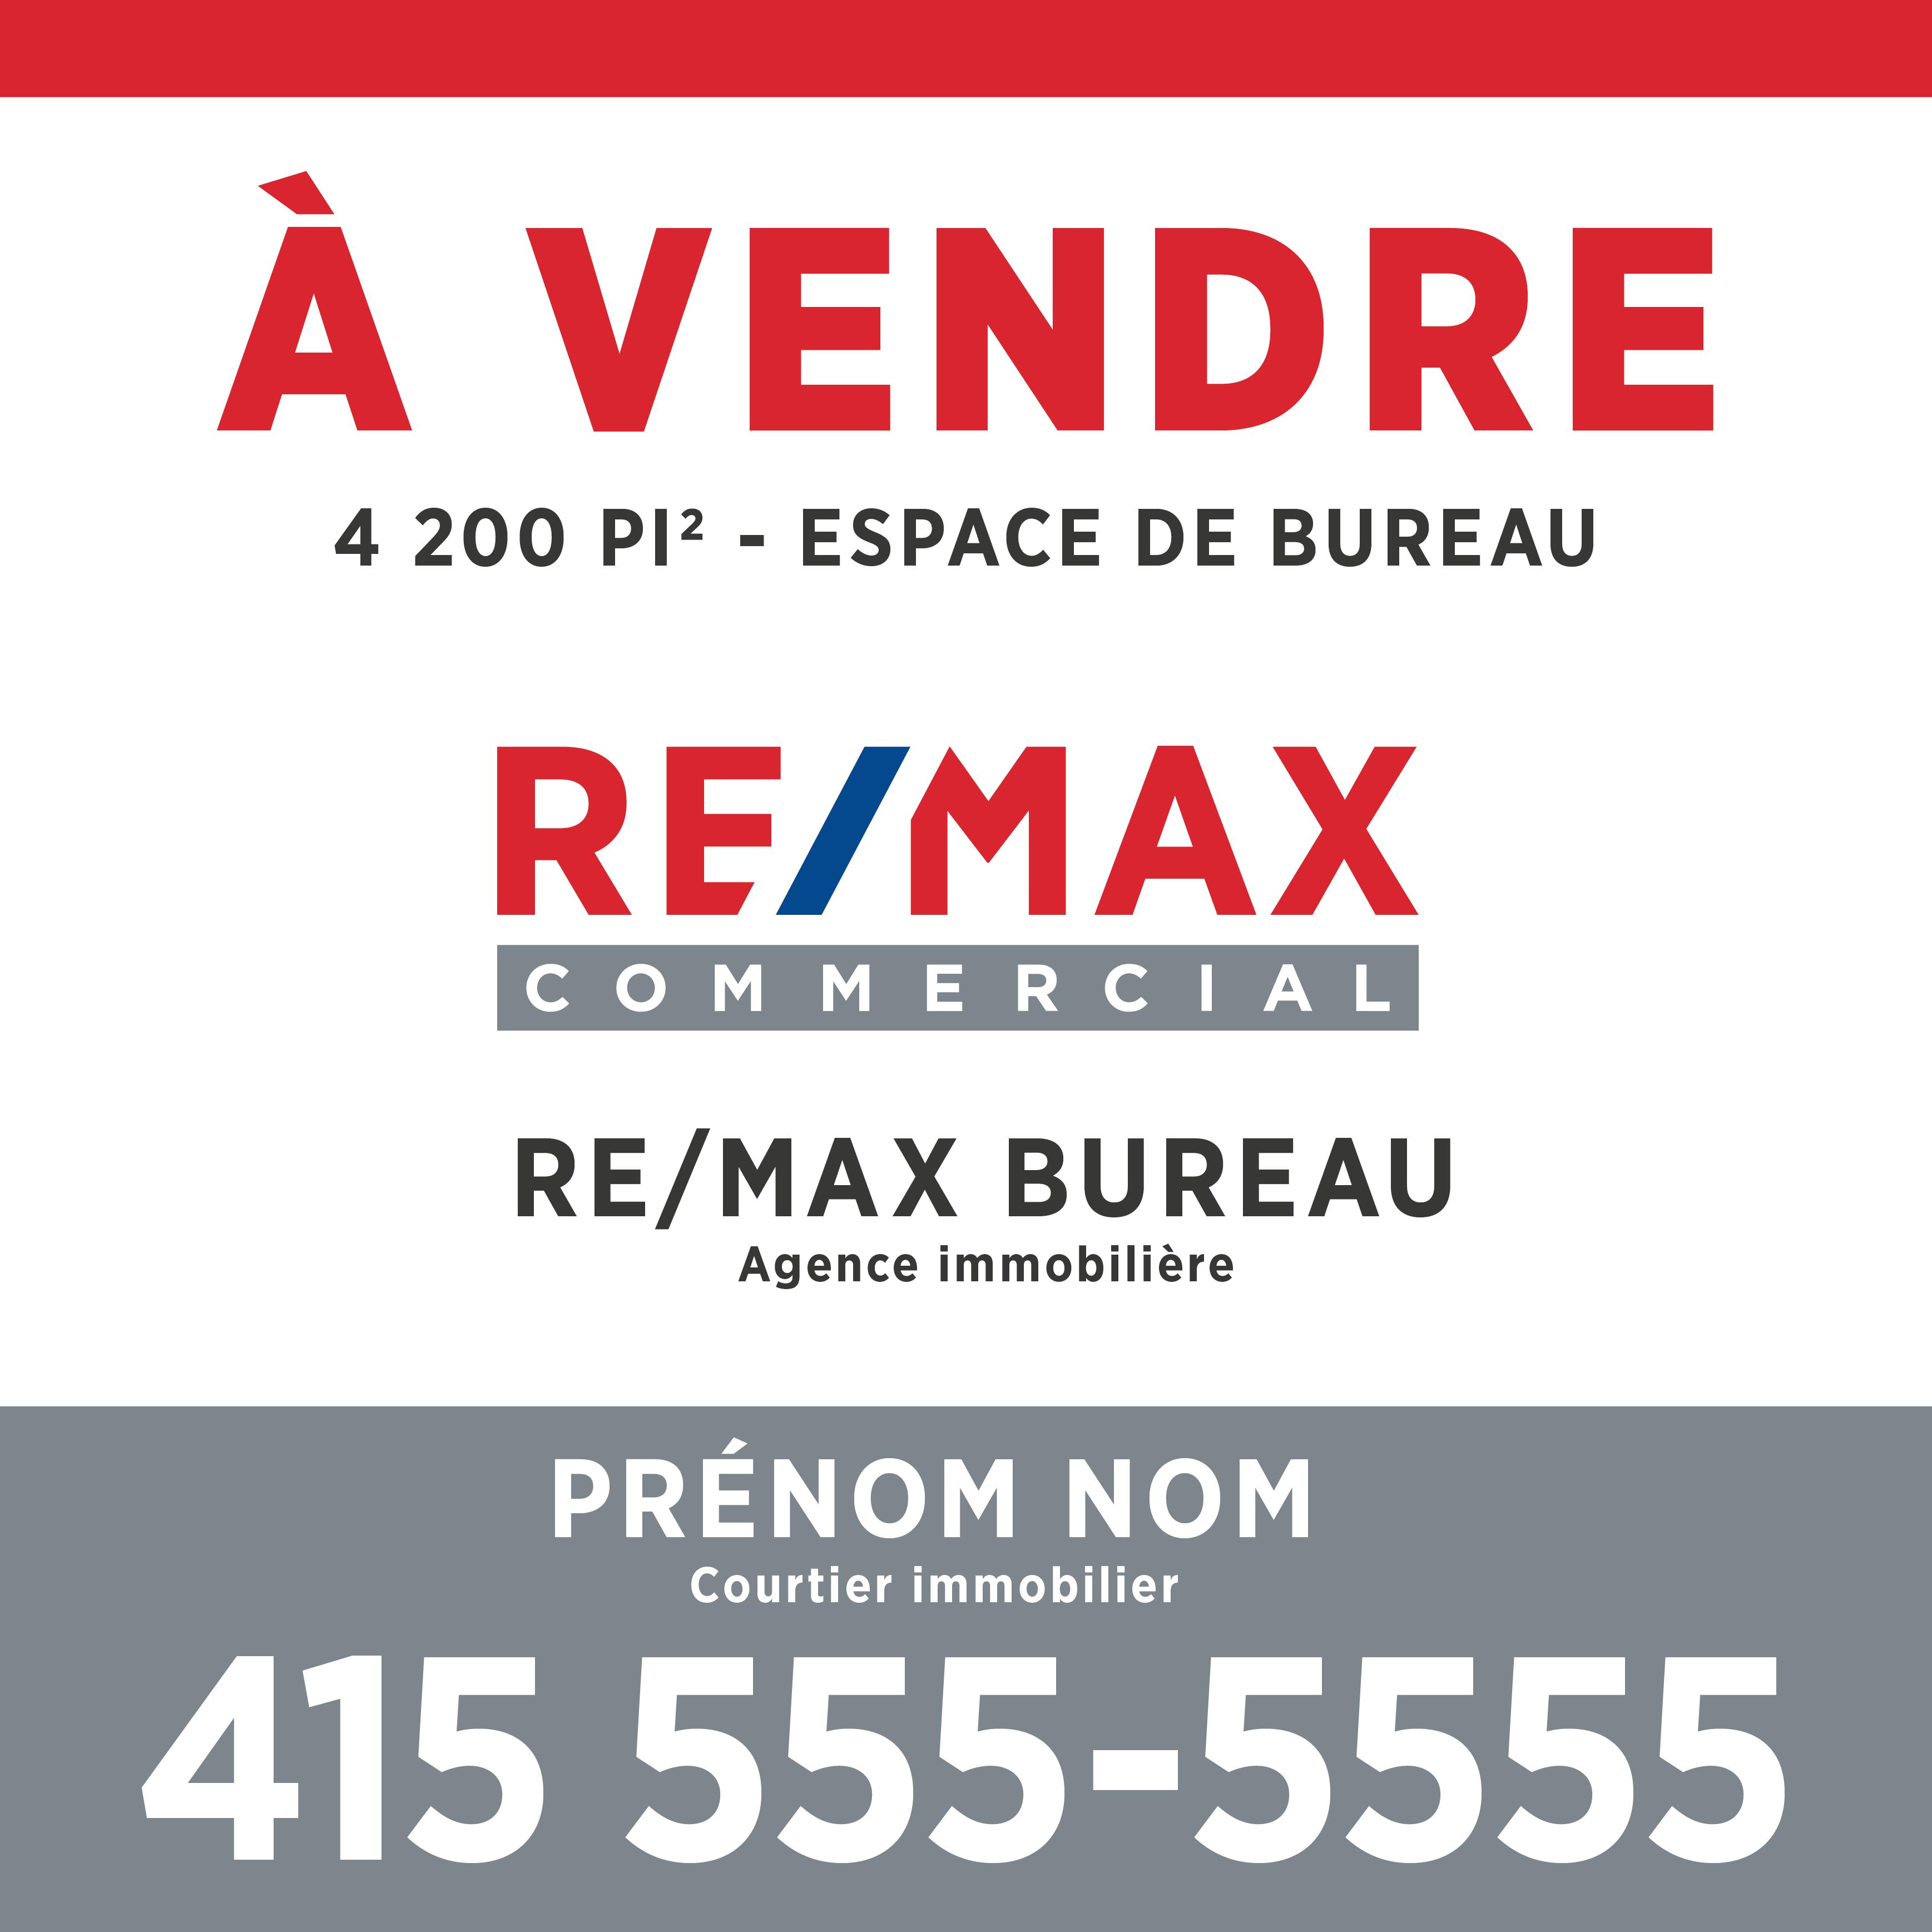 REM-1200B Enseignes commerciales - À vendre